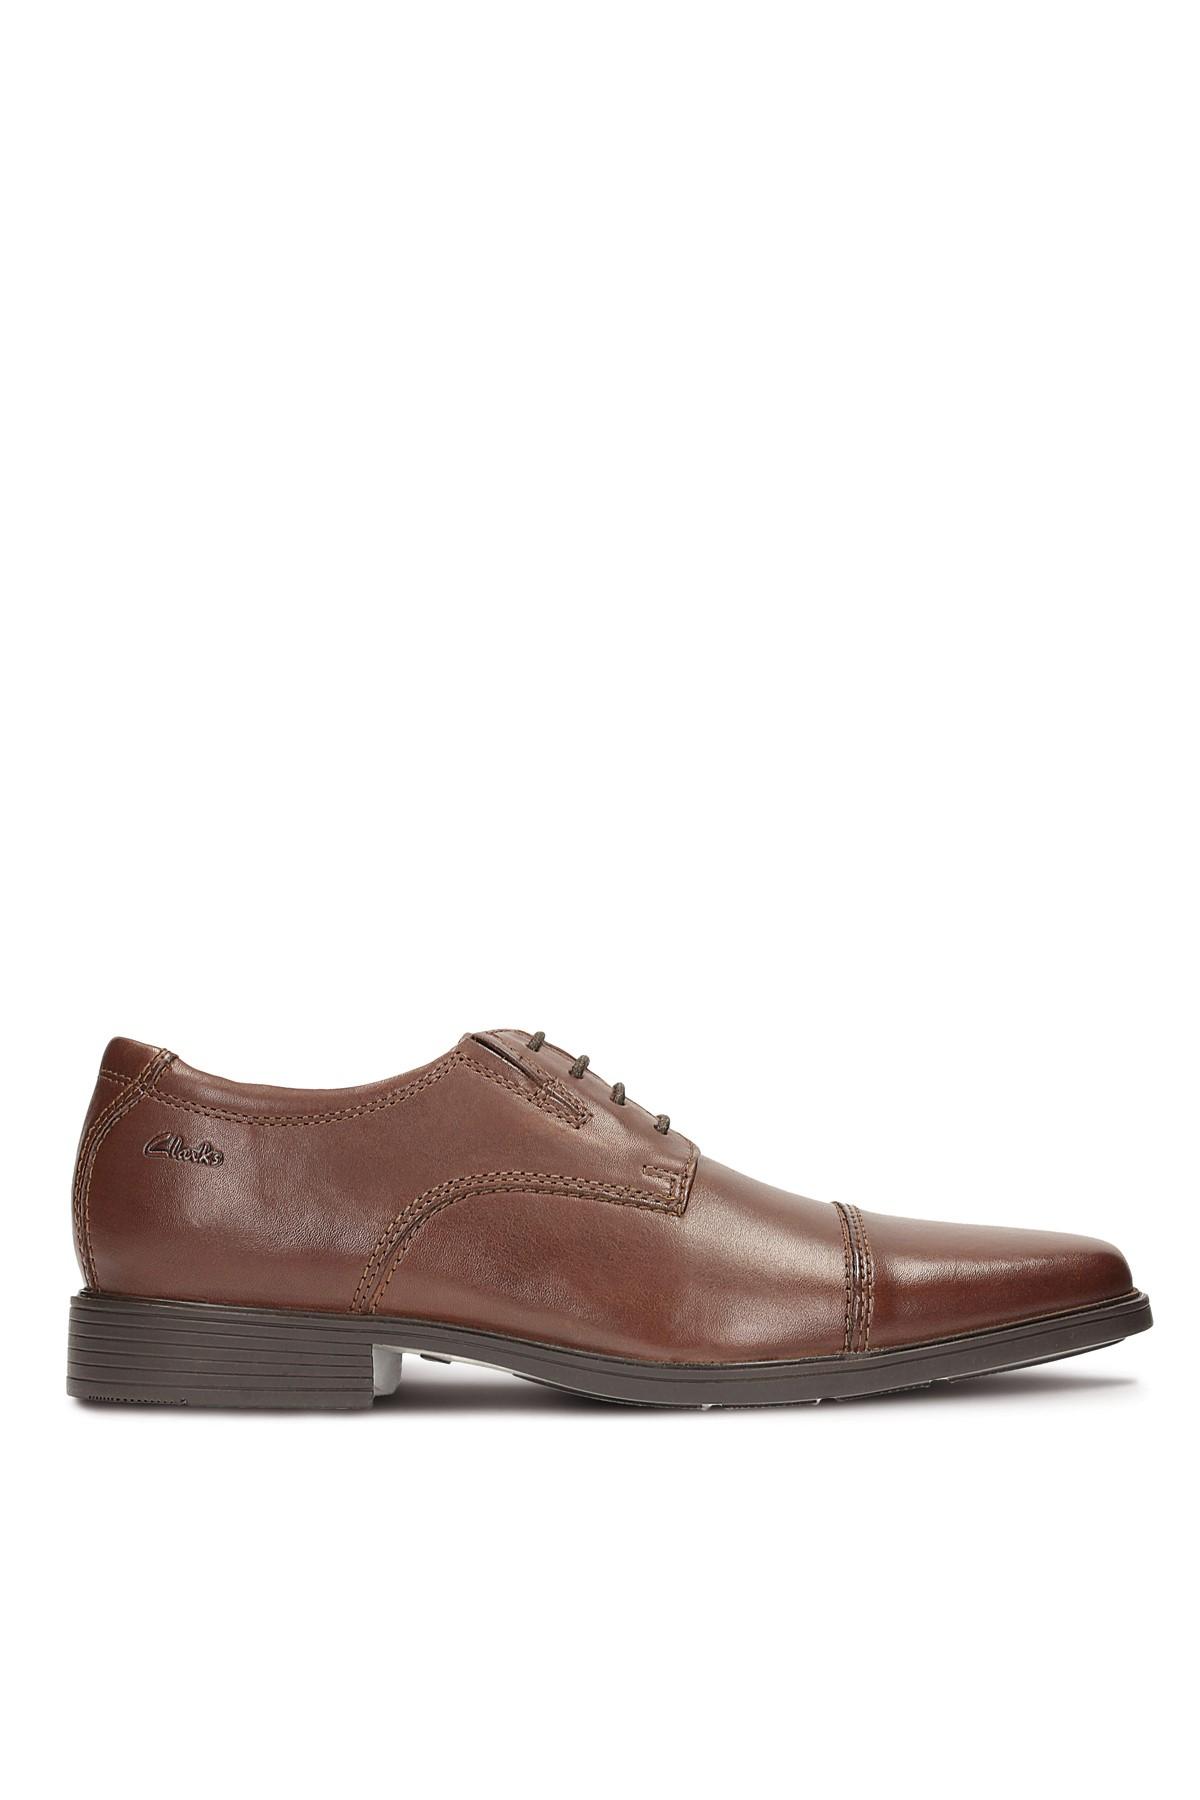 CLARKS Hakiki Deri Kahverengi Erkek Ayakkabı 261103067 1